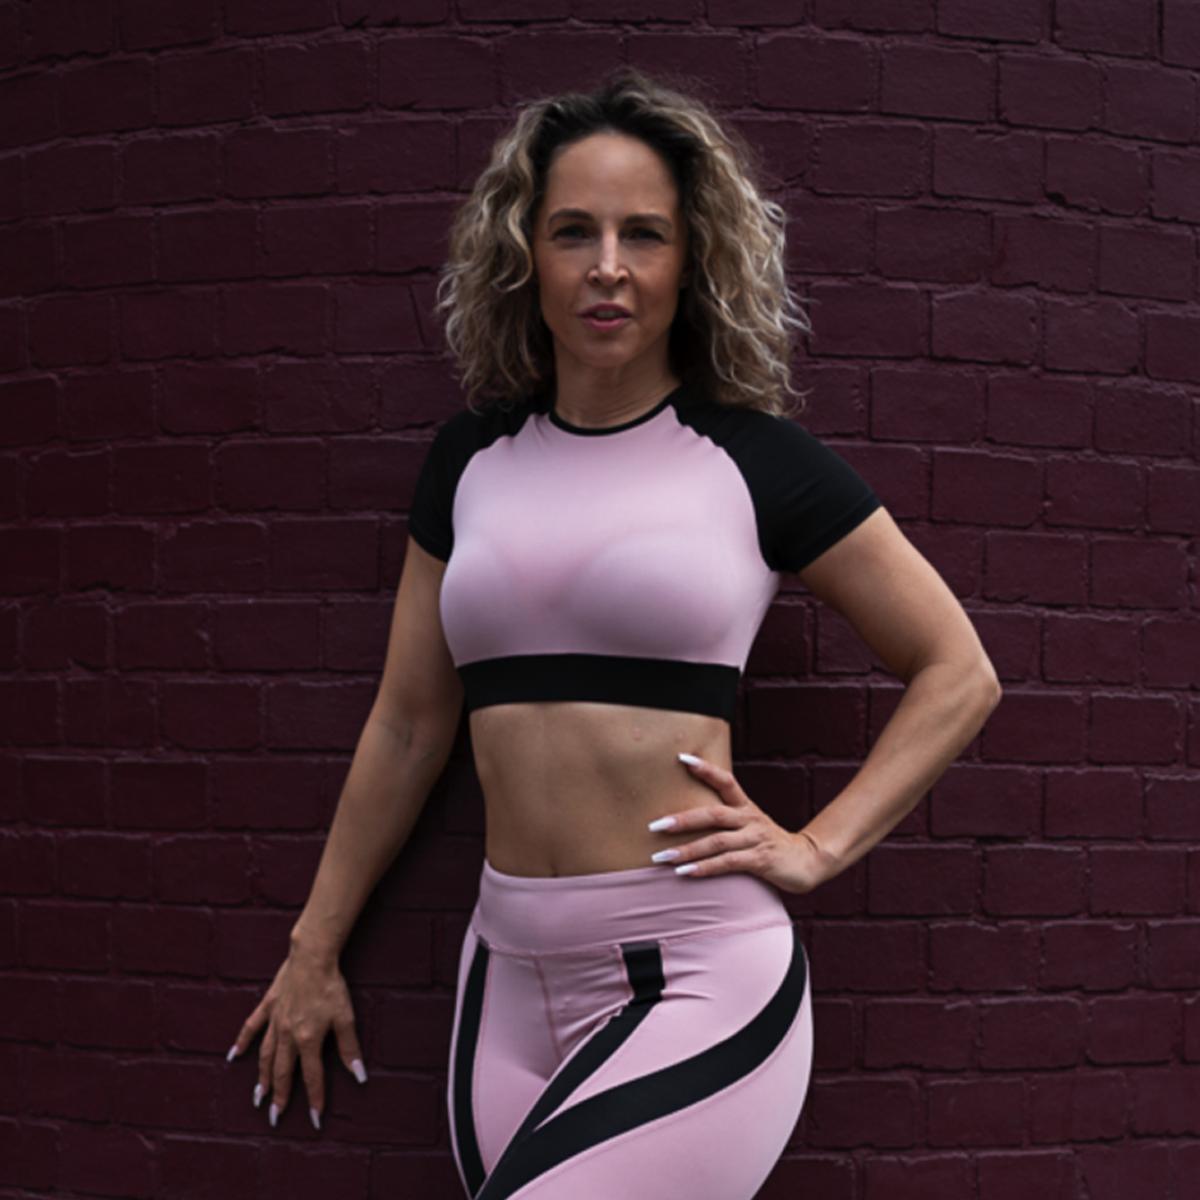 Tamara-Kramer-Pink-set03-1.png